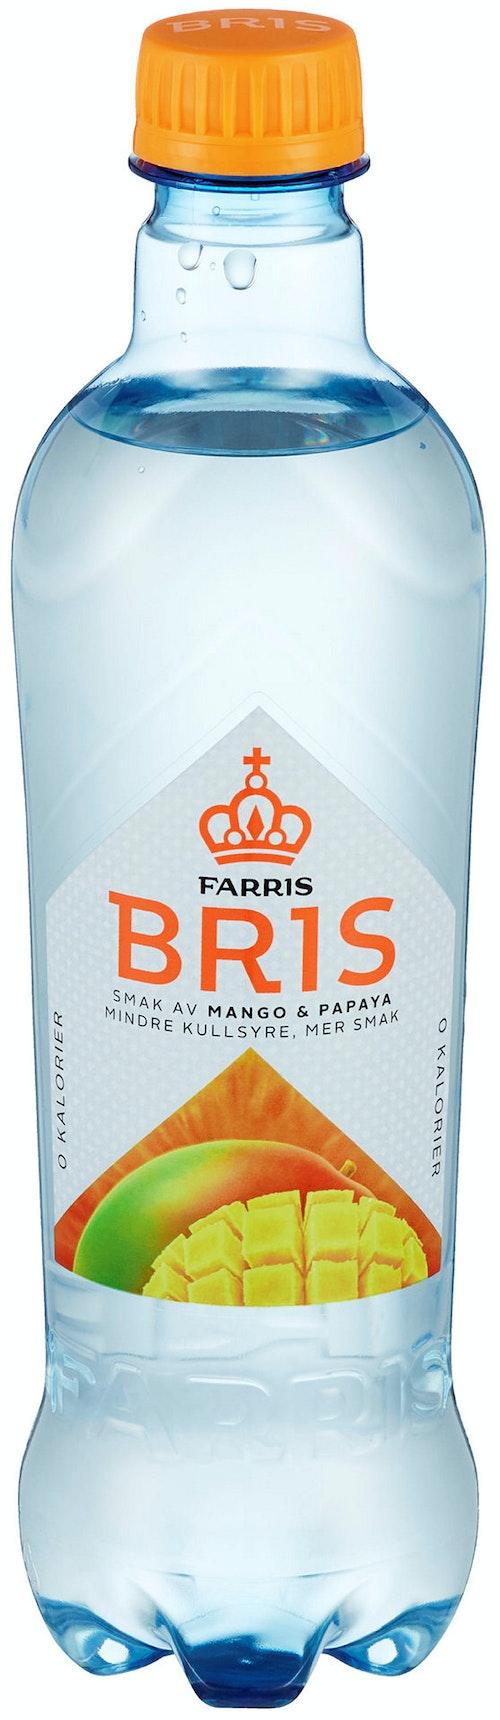 Ringnes Farris Bris Mango & Papaya 0,5 l